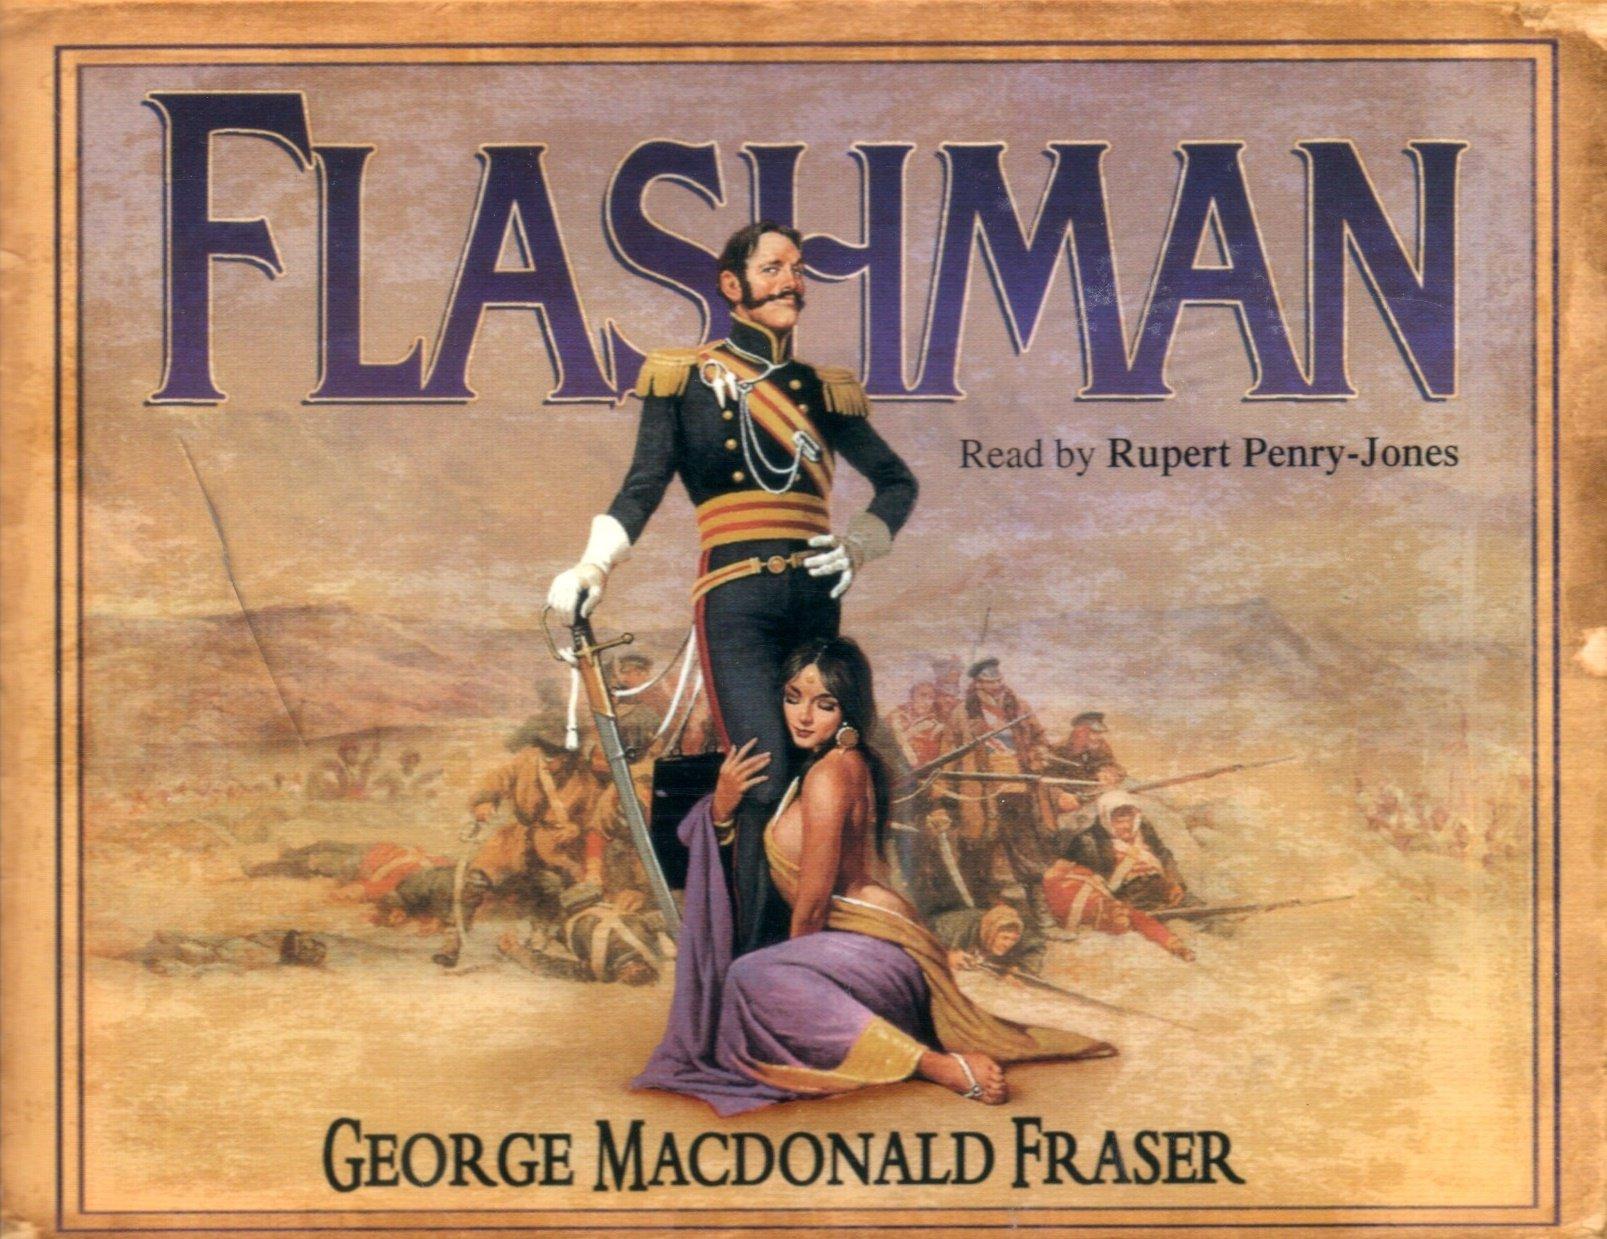 гарри флэшмен записки флэшмена джордж макдоналд фрейзер книги отвратительные мужики disgusting men harry flashmen